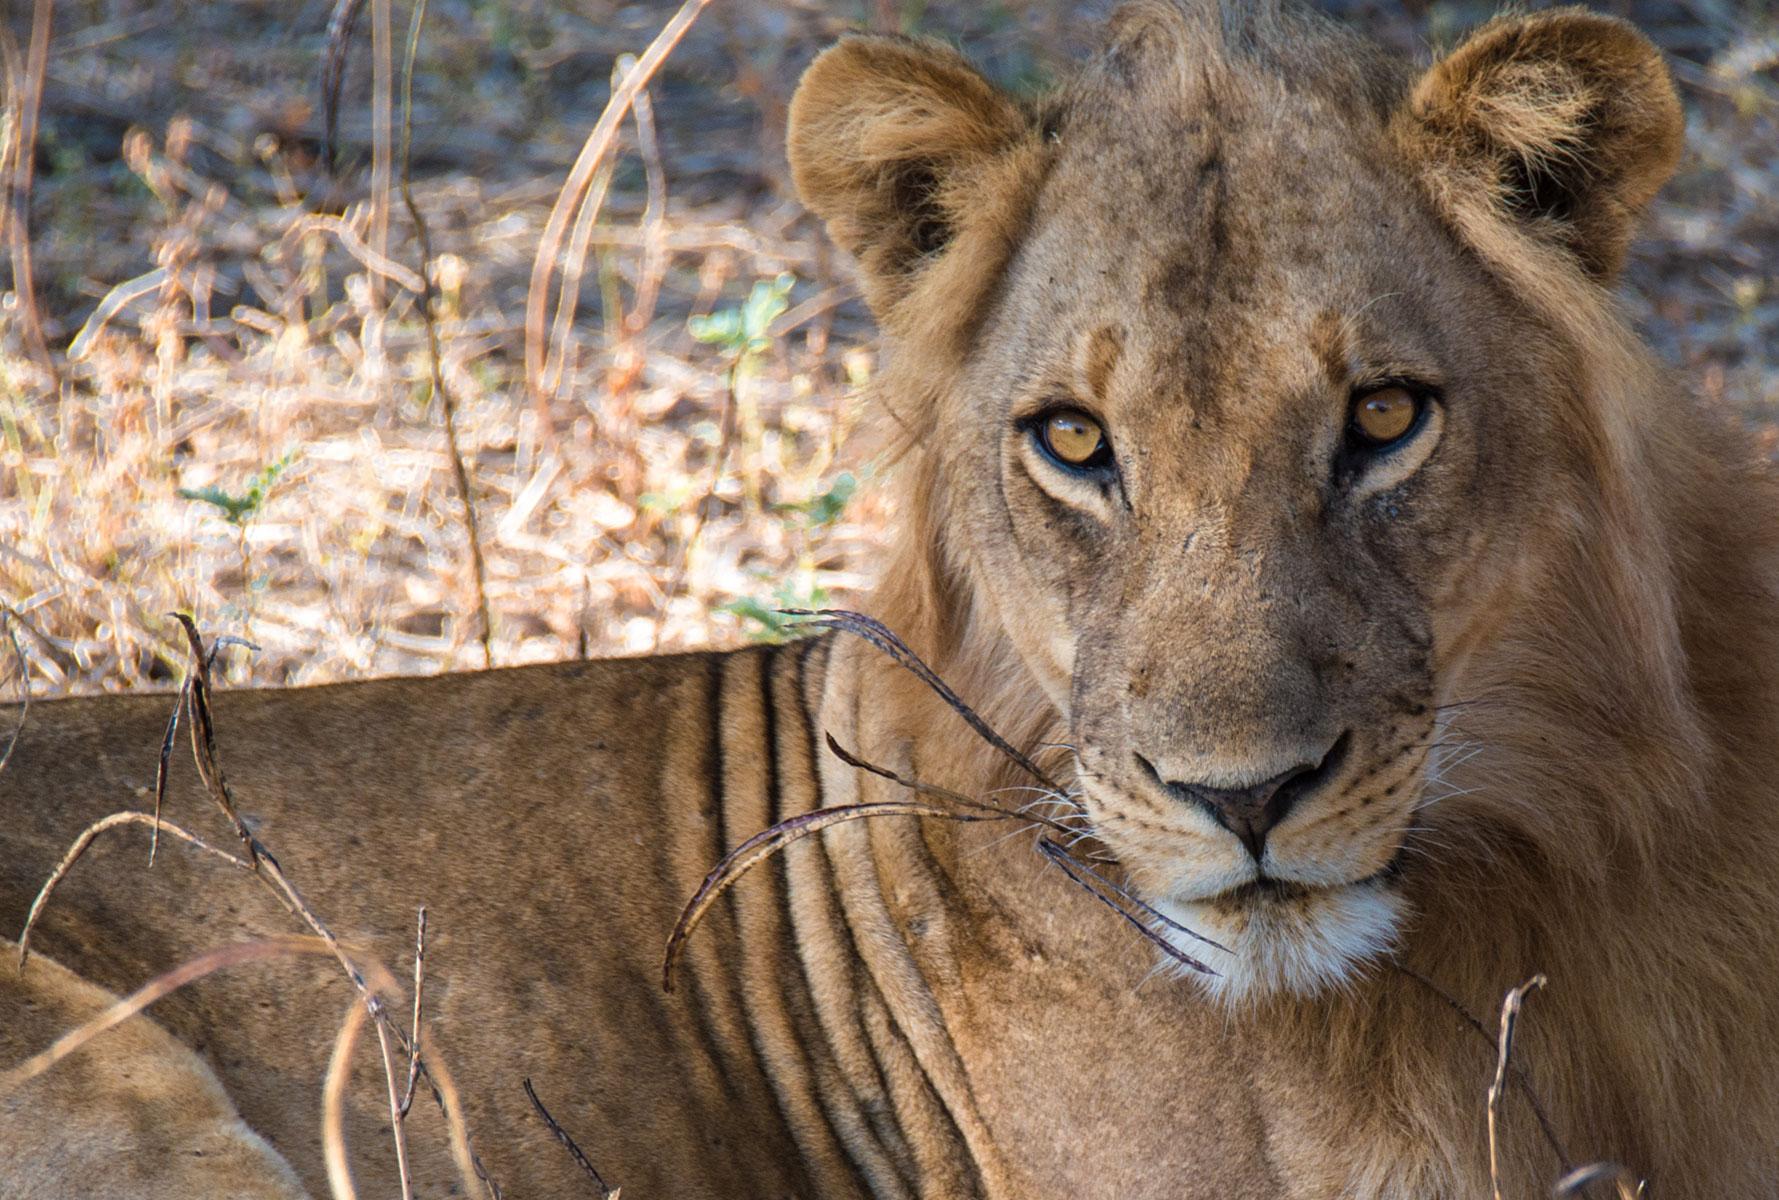 On a Robin Pope Walking Safari in Zambia: The Naughty Boys